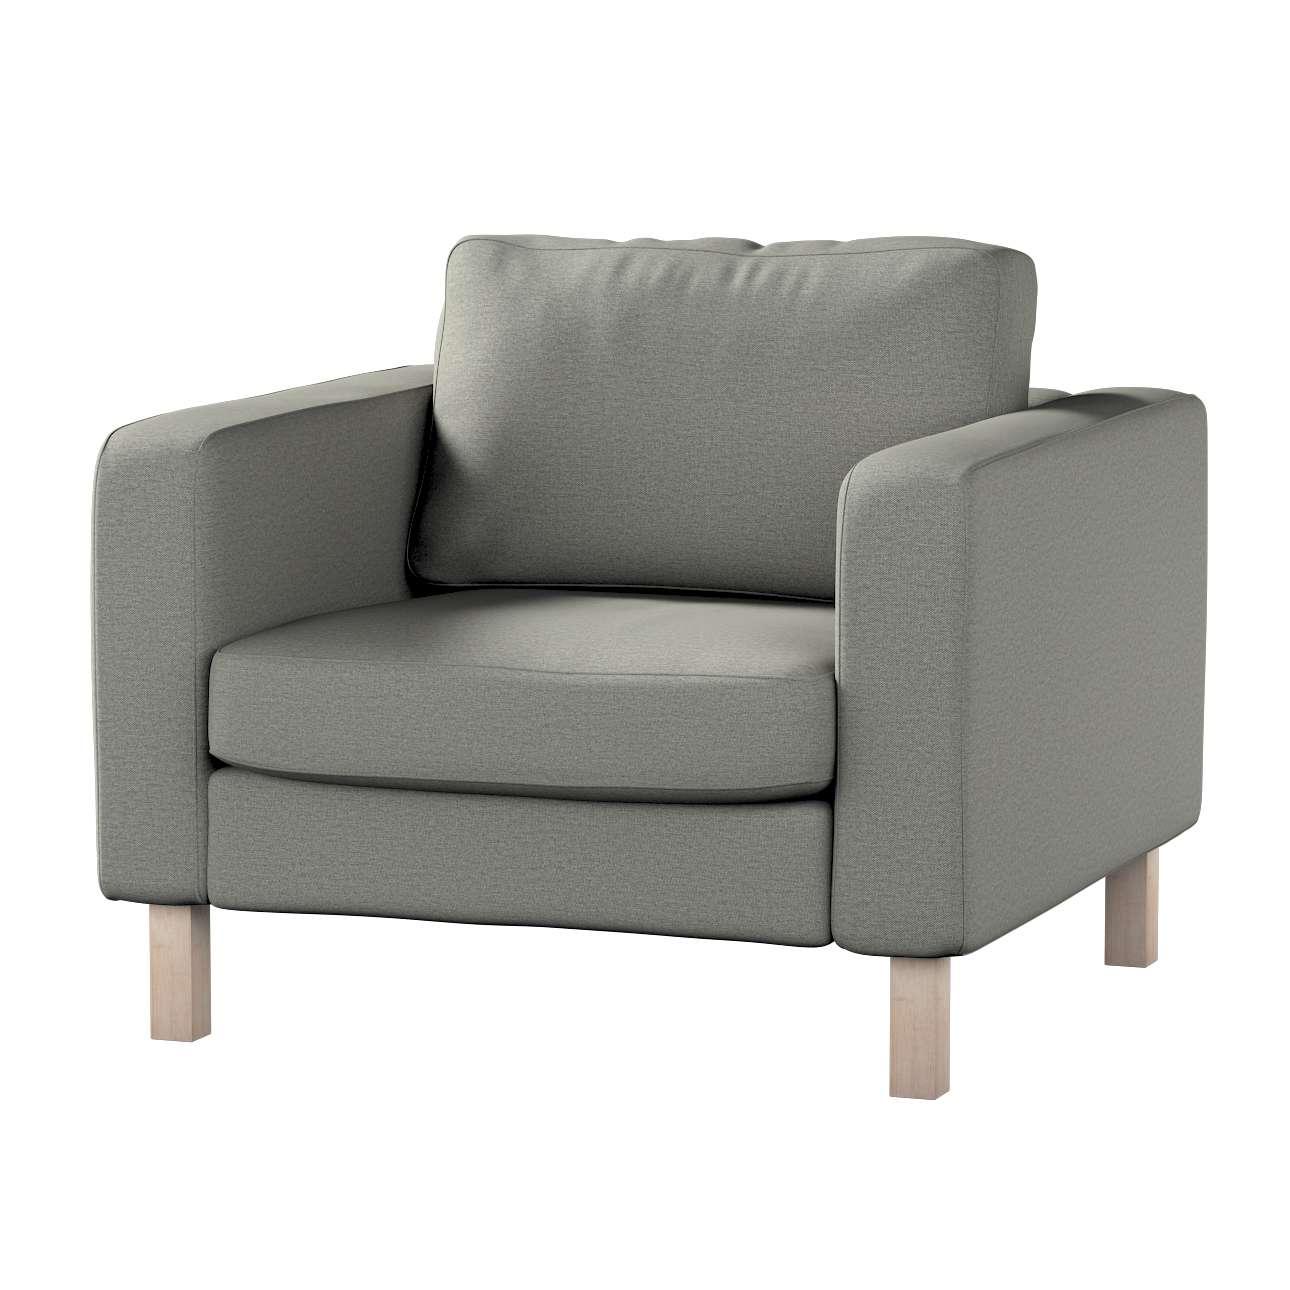 Karlstad päällinen nojatuoli mallistosta Etna - ei verhoihin, Kangas: 161-25